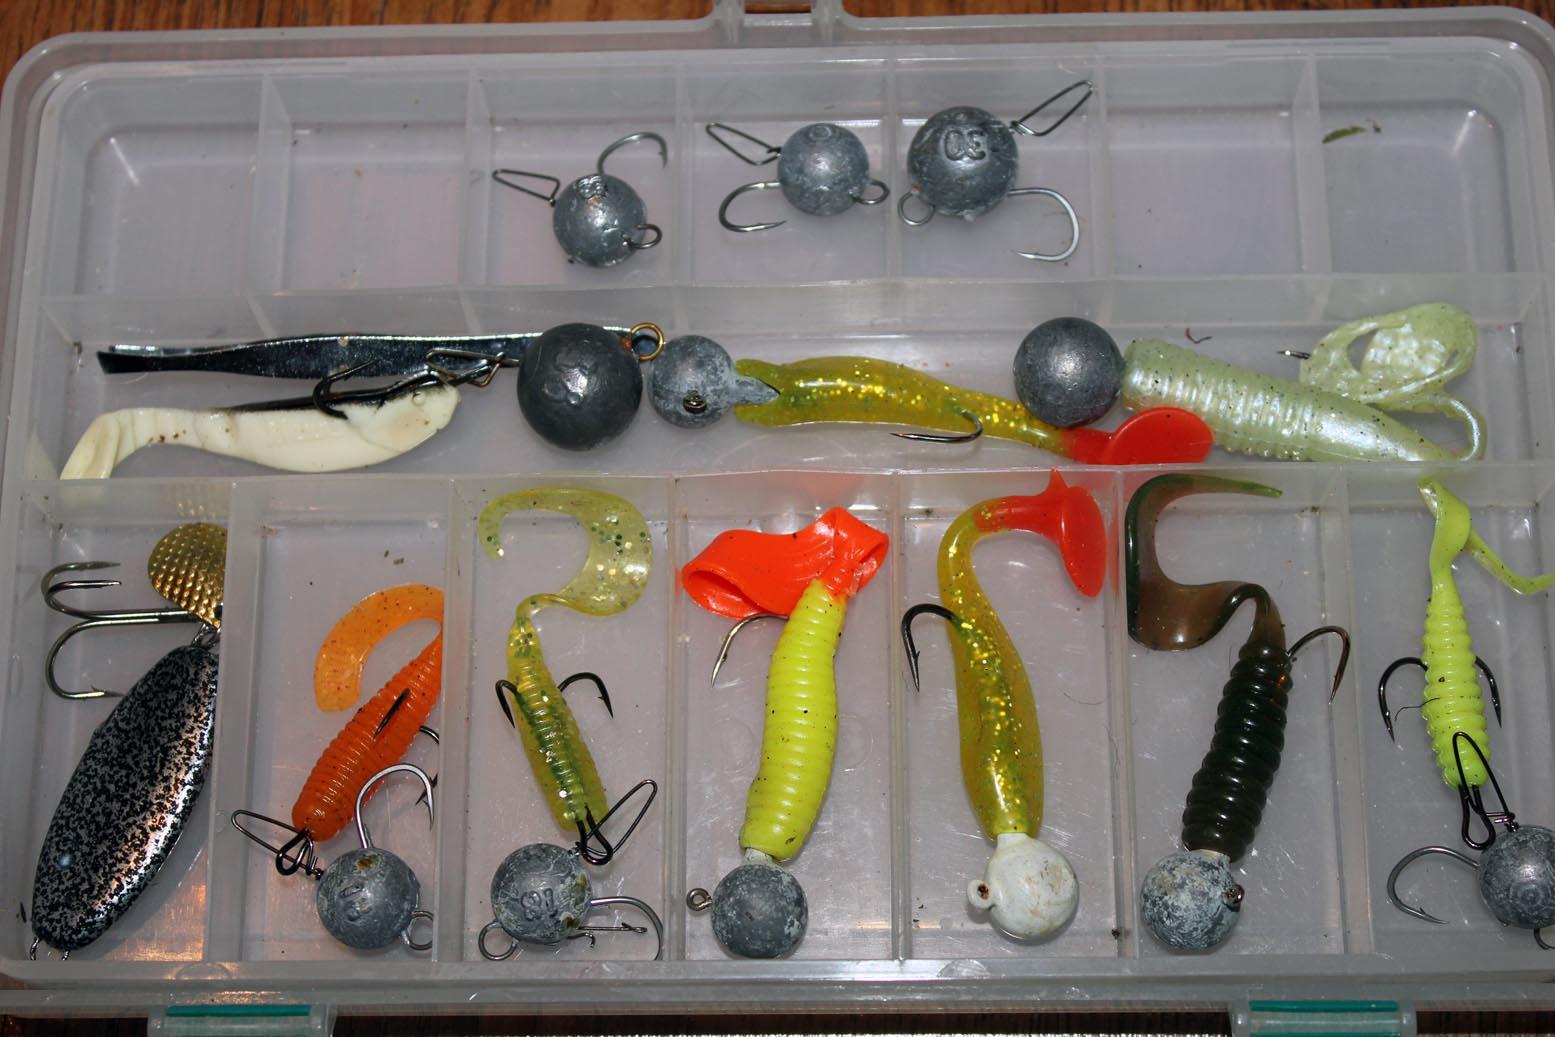 джиг рыбалка купить